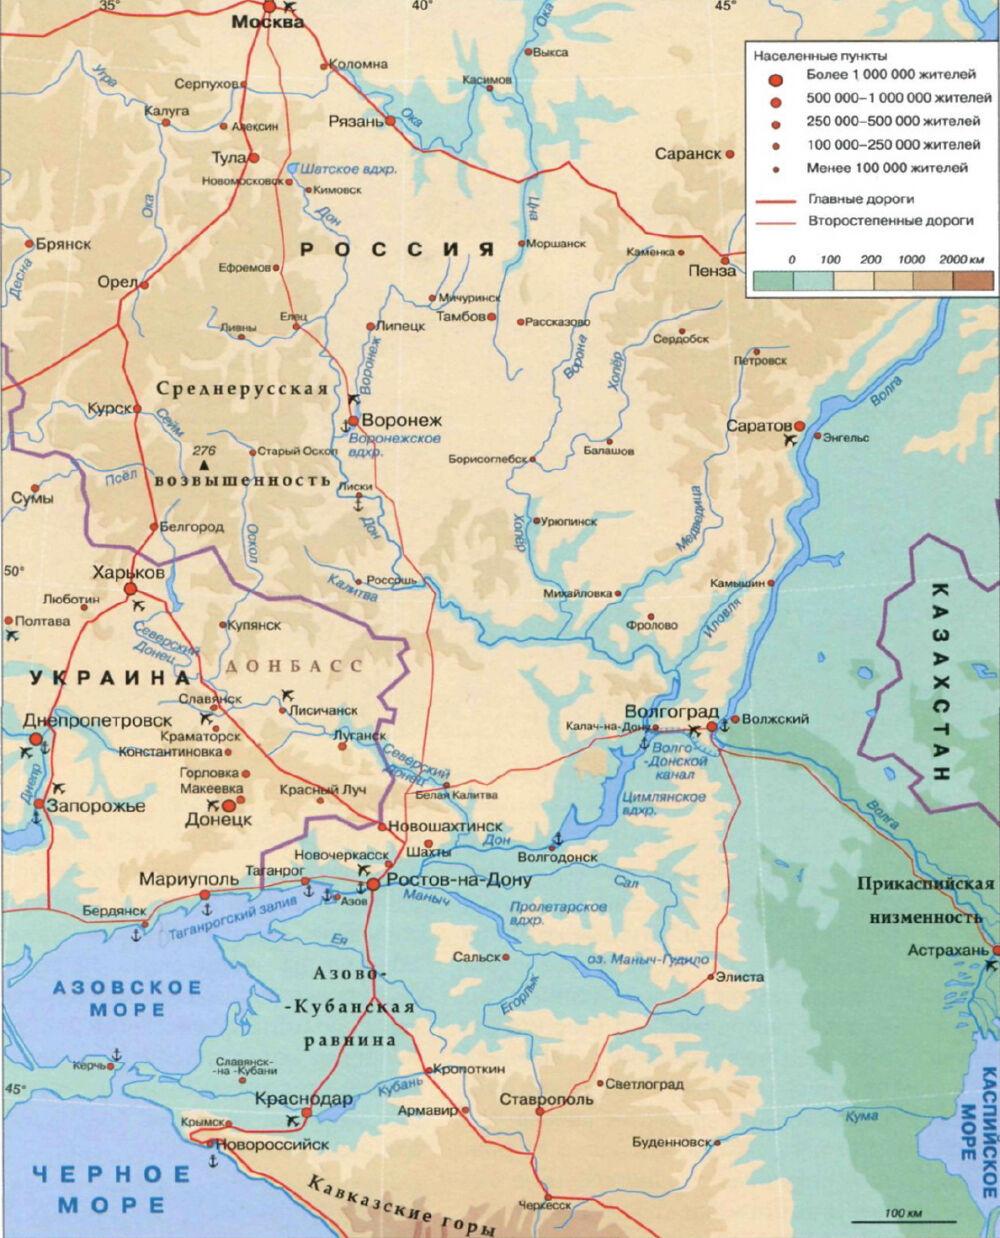 Карта реки Дон